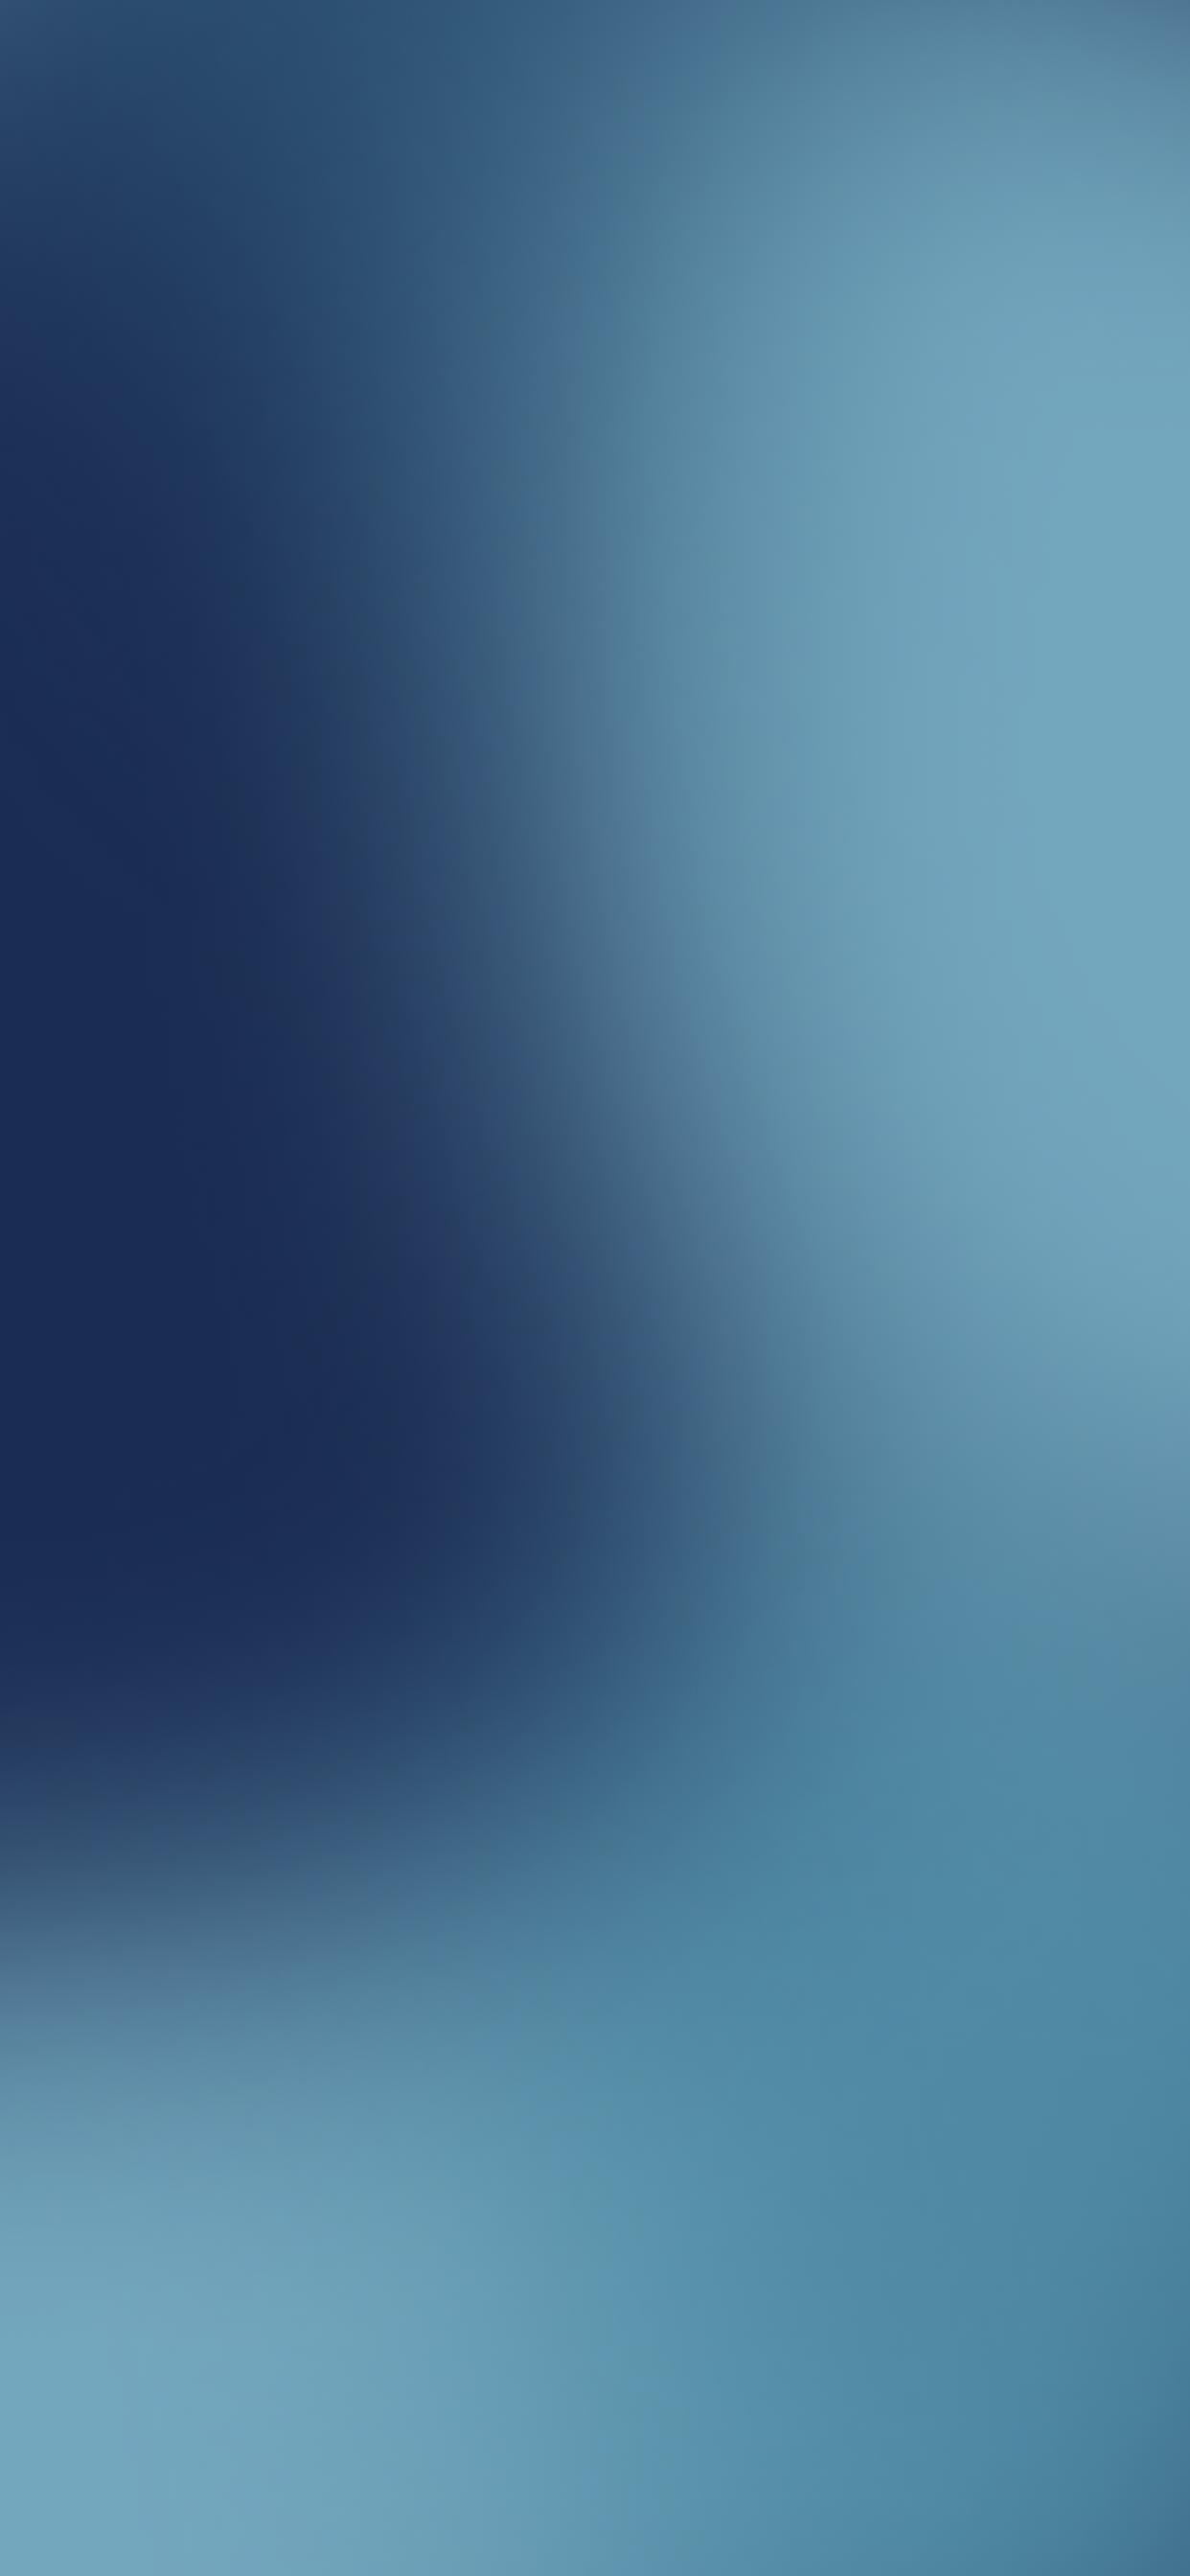 Color Blur Blur Blue